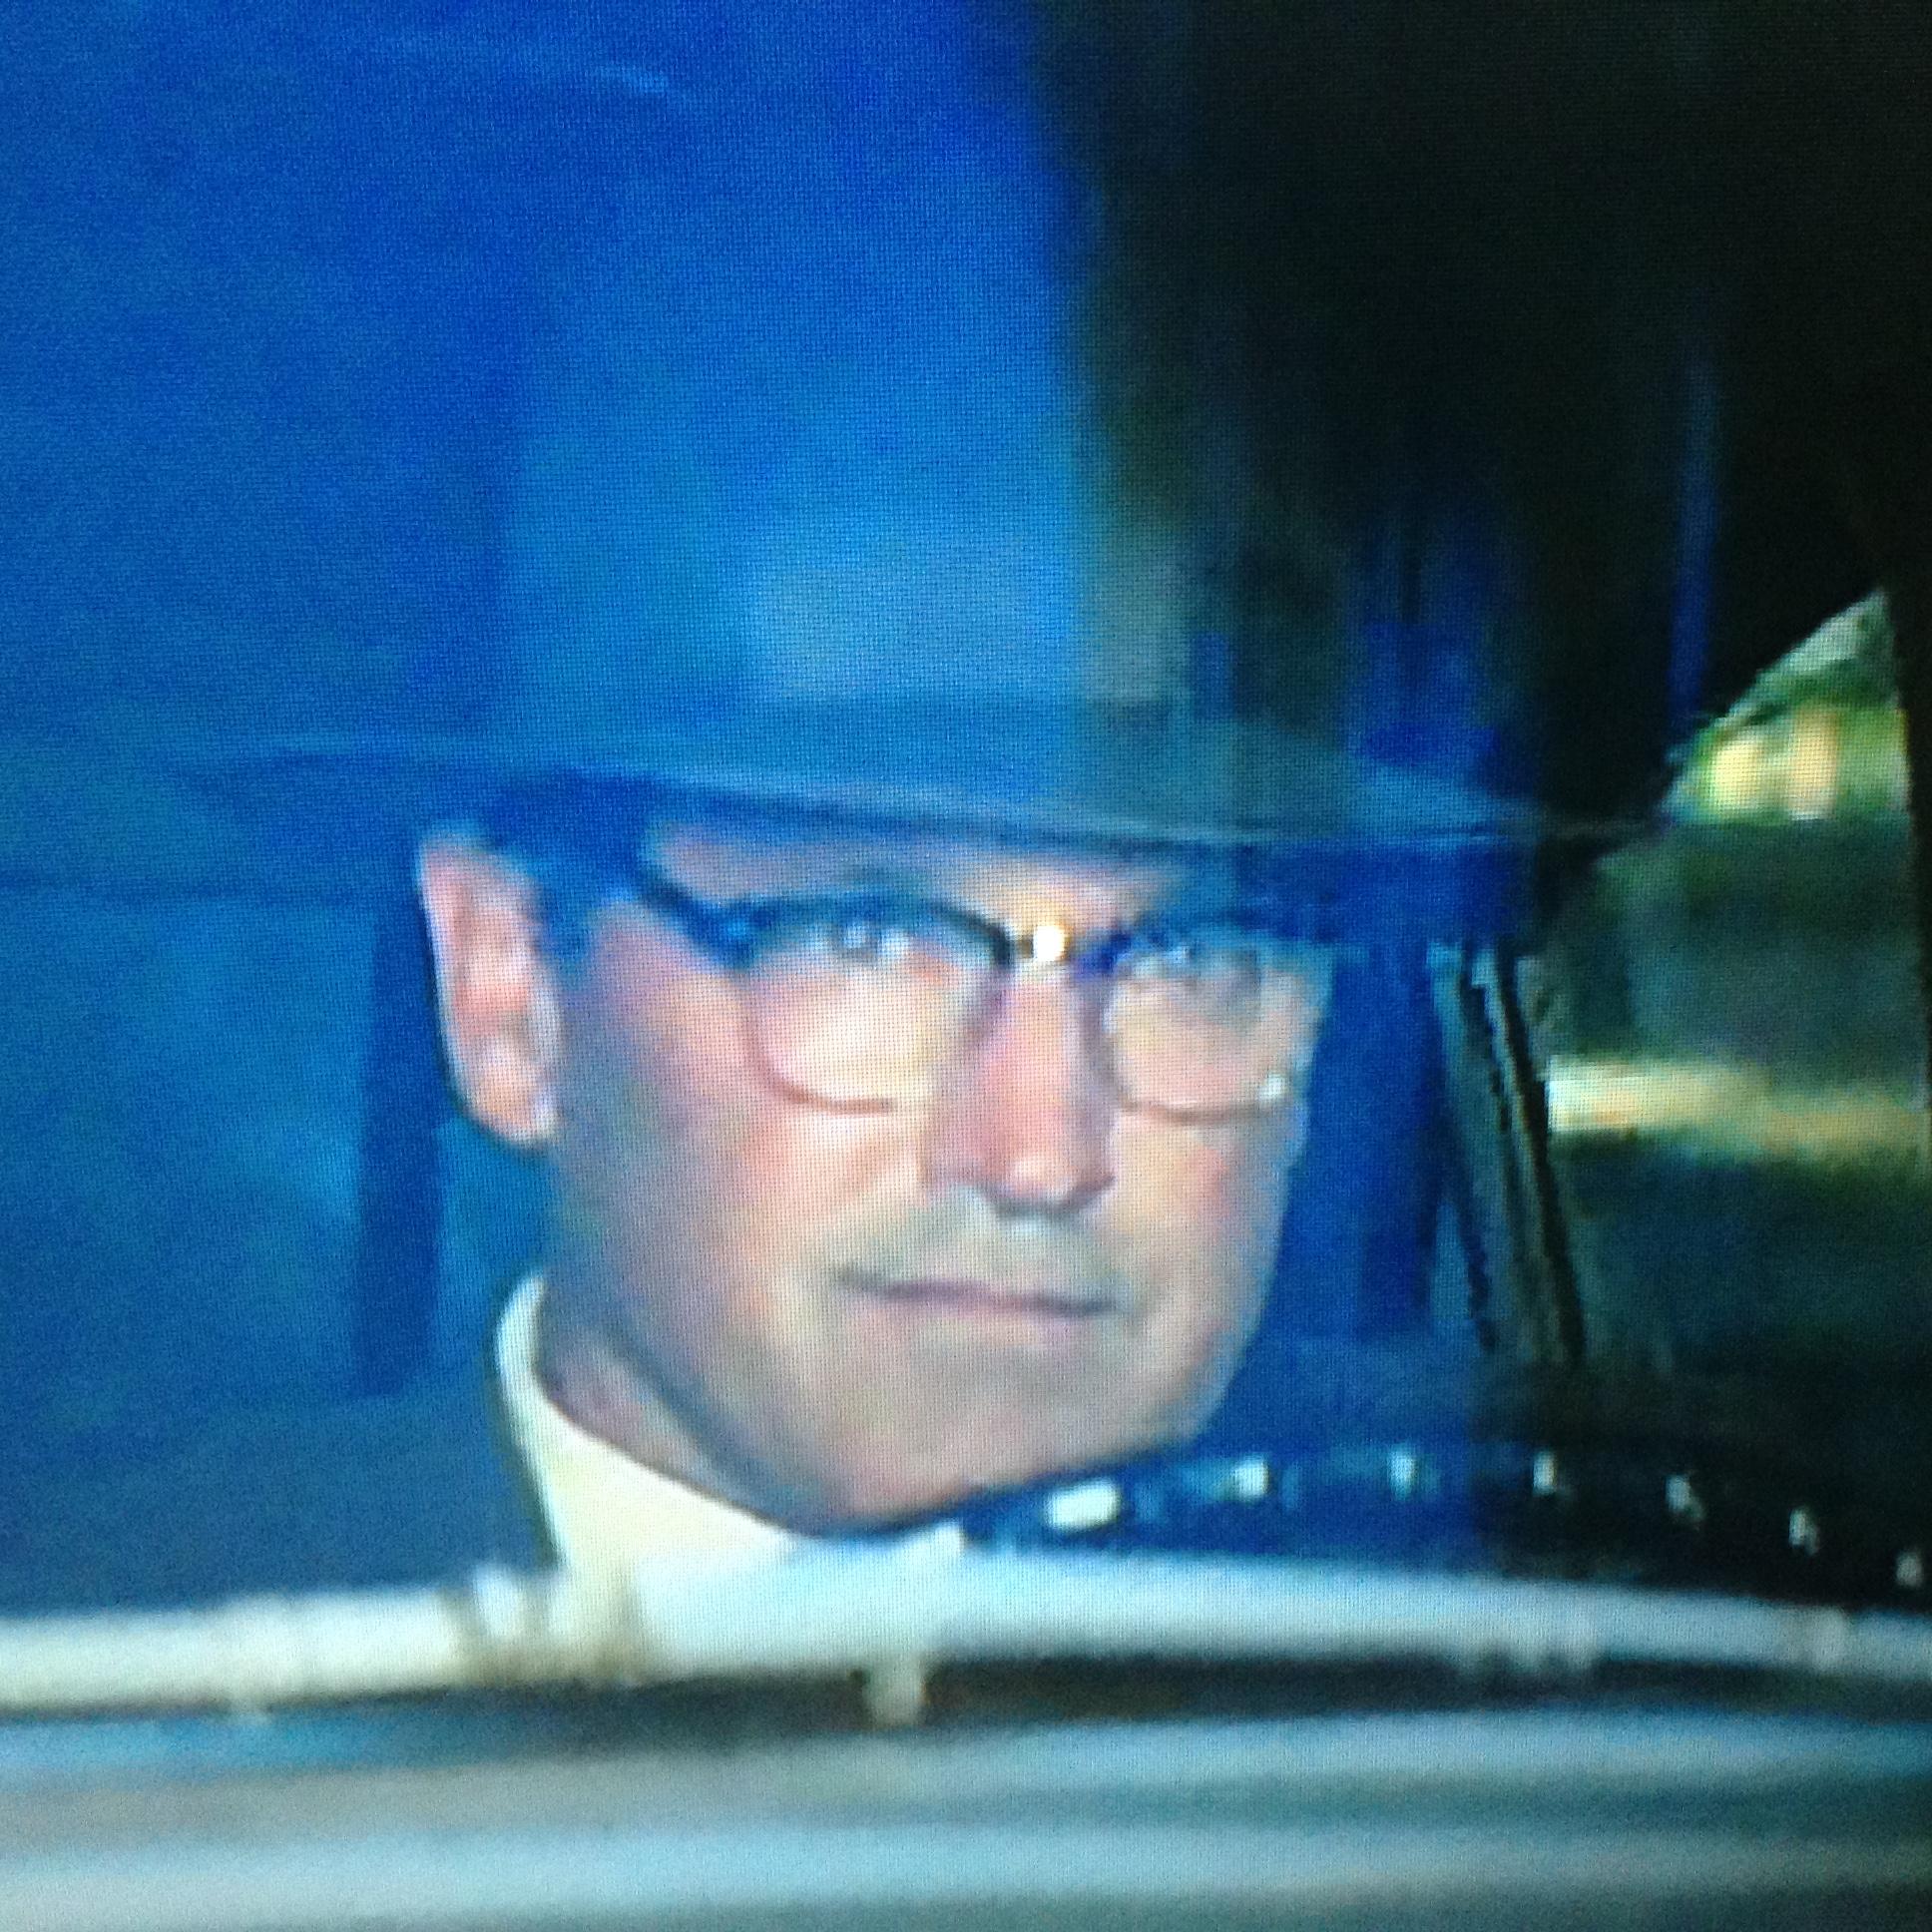 Second KGB driver